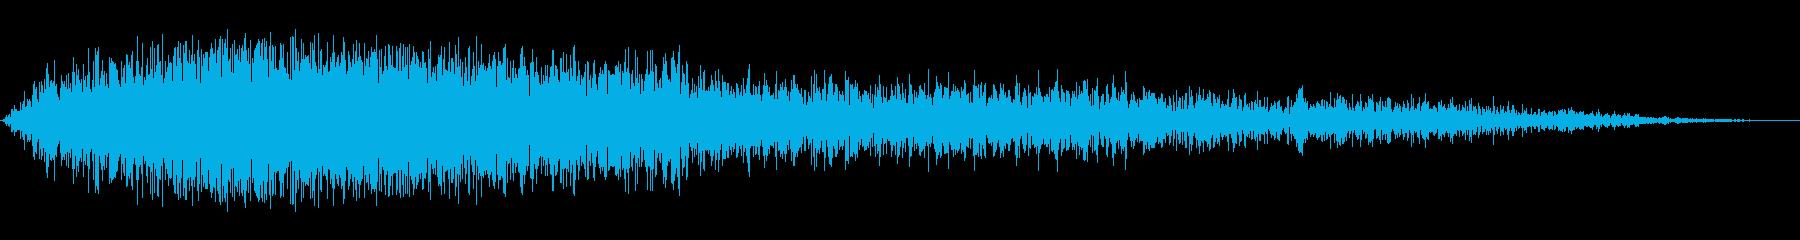 ヒュウーーン!(強く勢いのある風音)の再生済みの波形